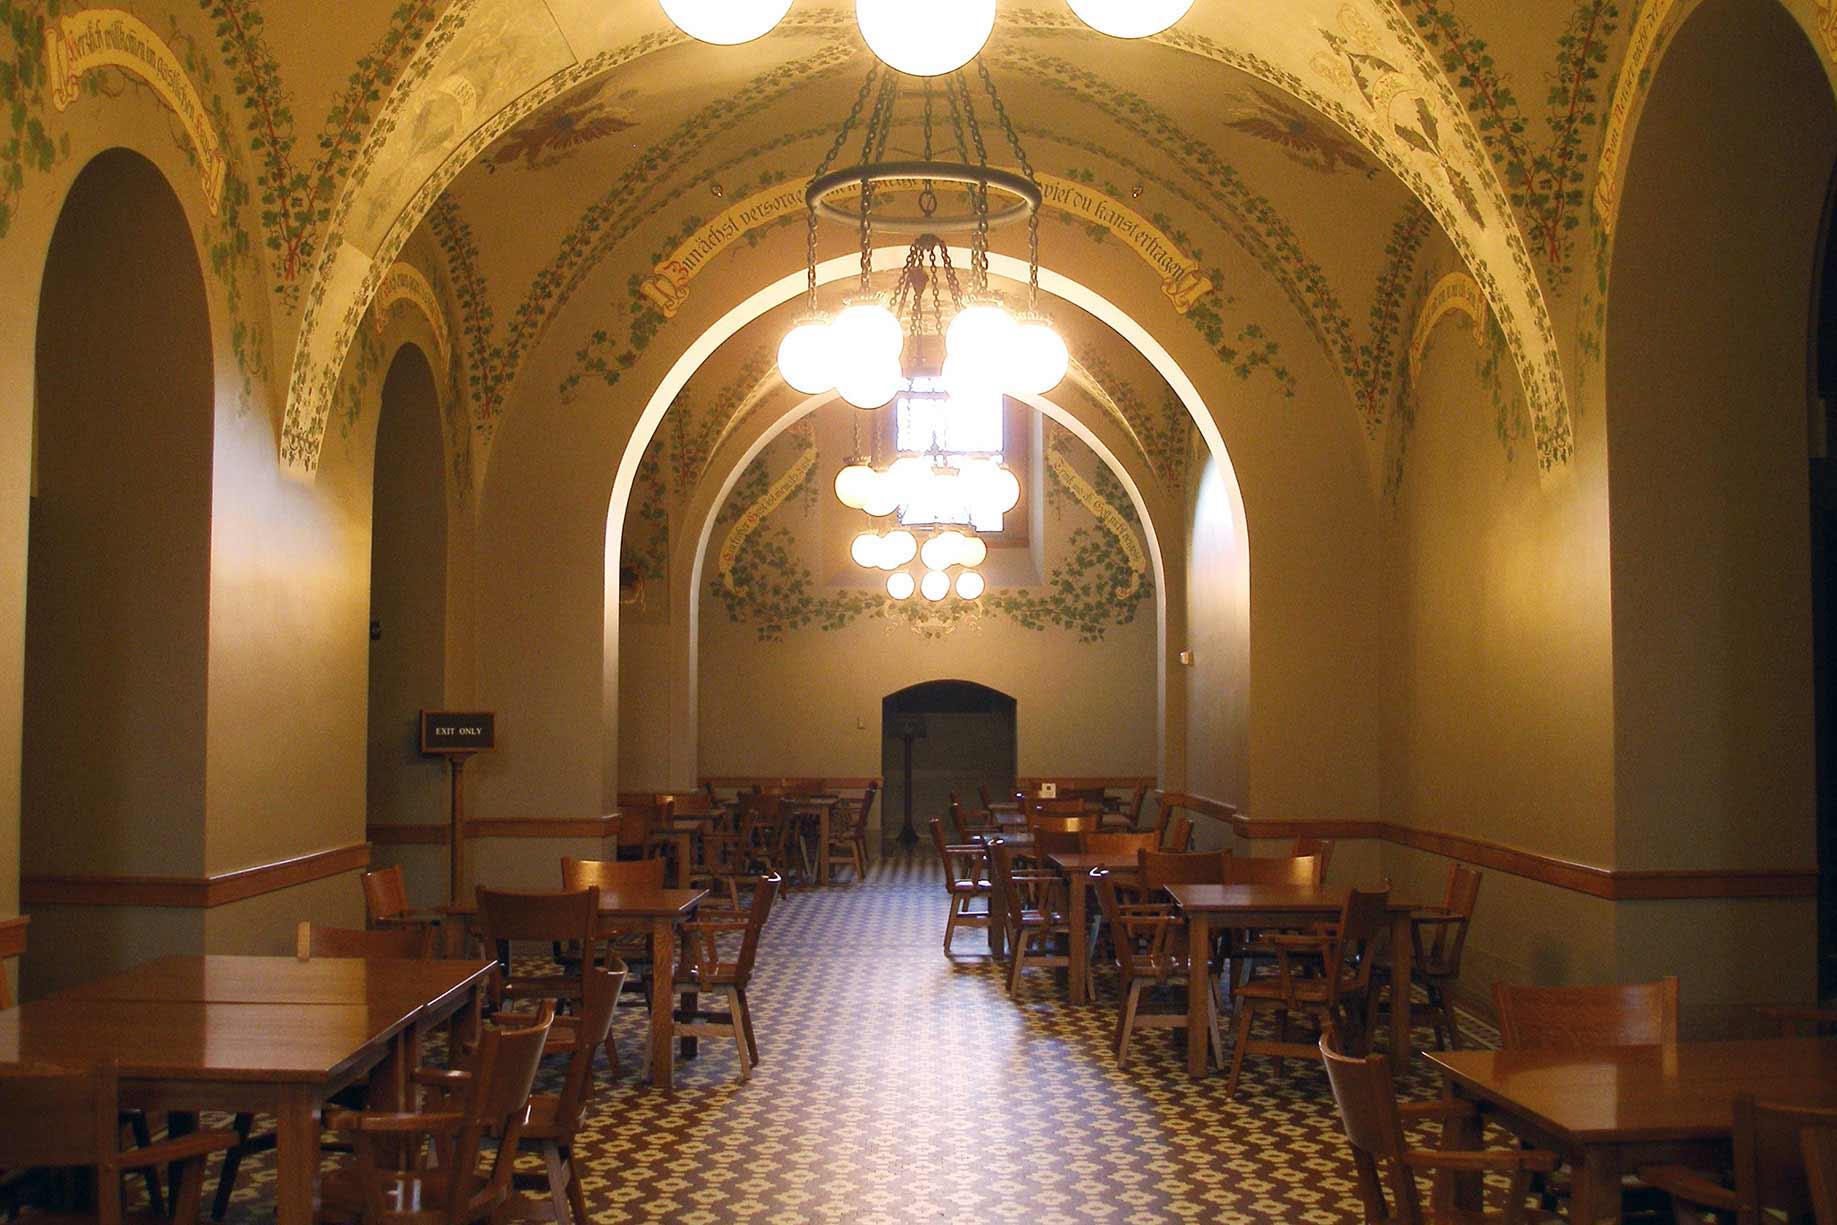 Rathskeller cafe seating.